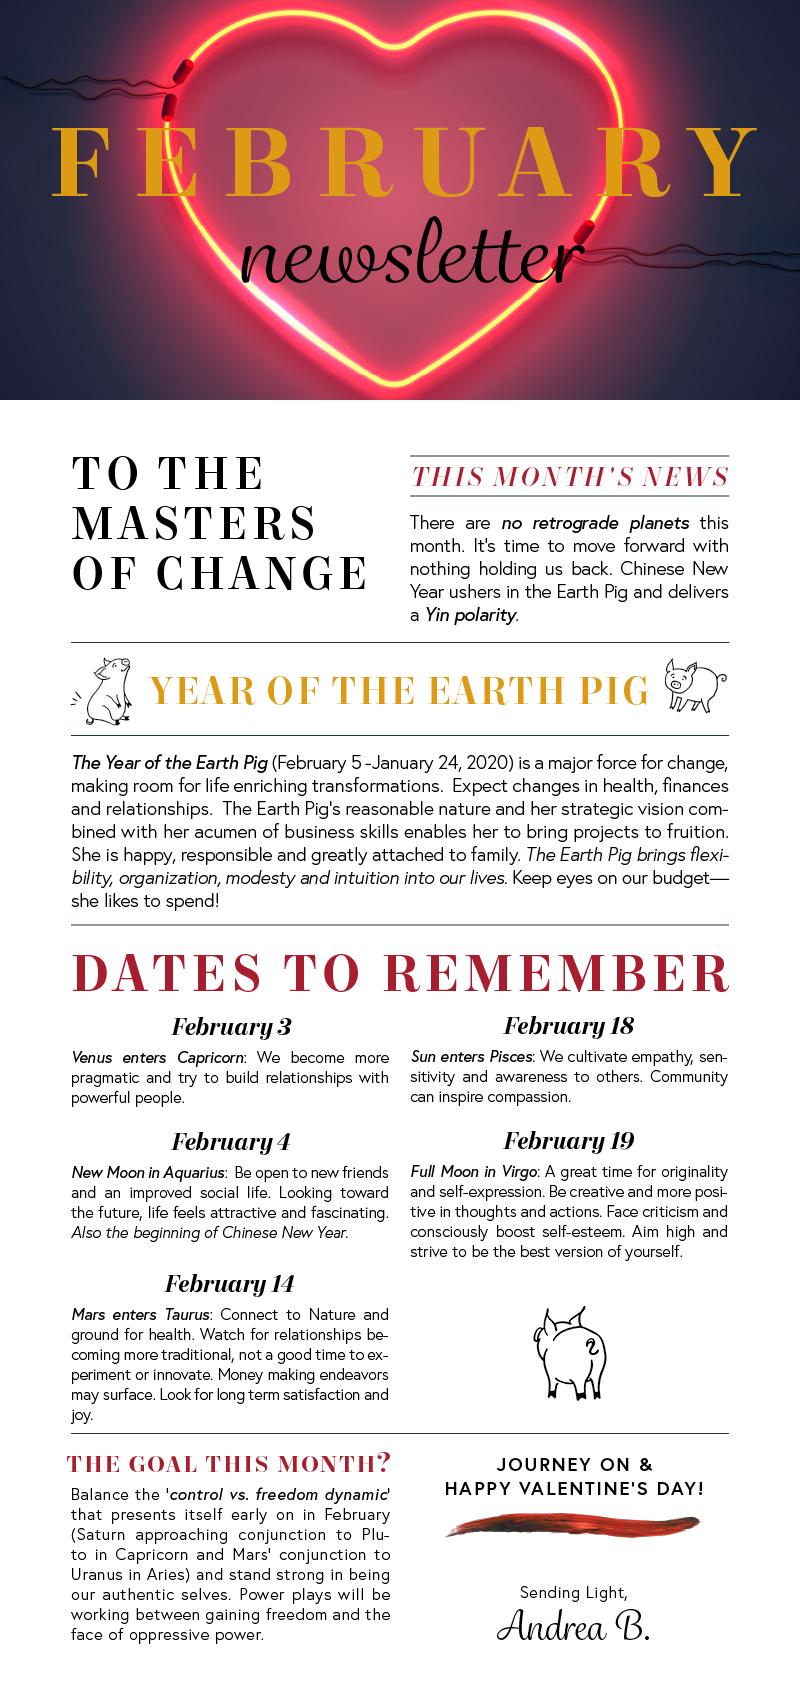 february-newsletter-72dpi.jpg